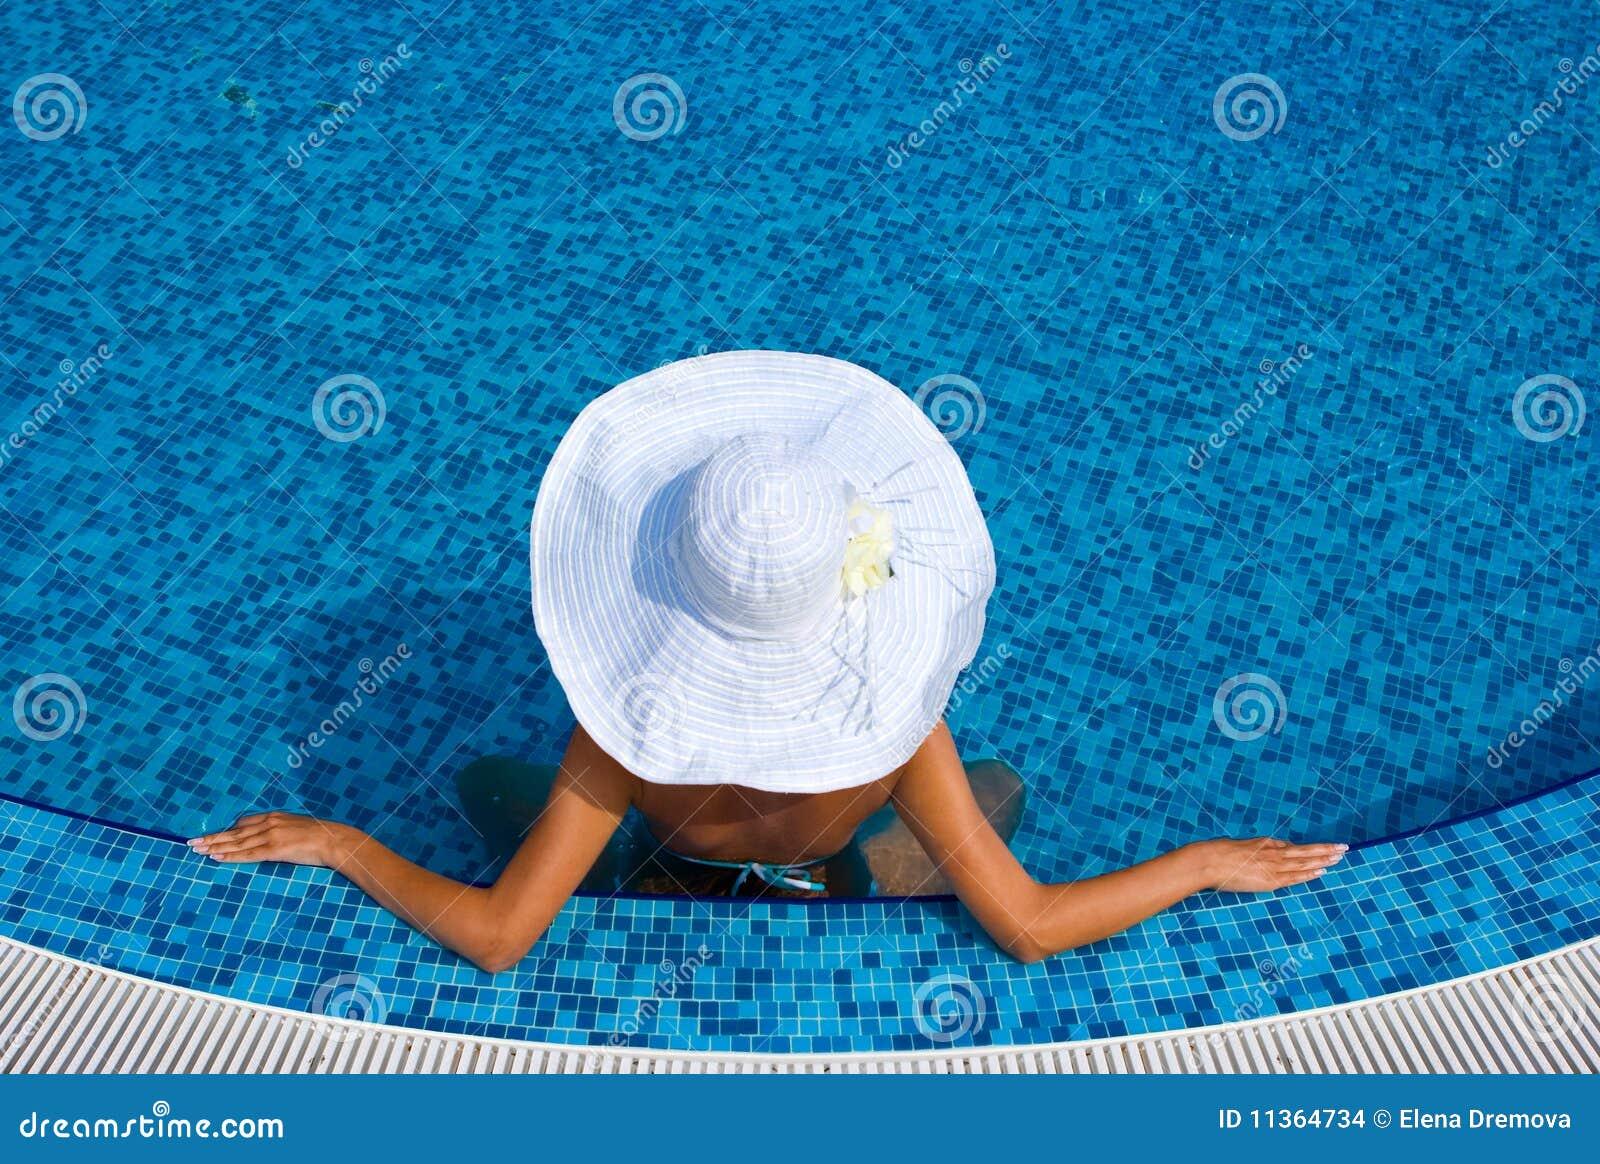 Donna Con Il Cappello Bianco Nella Piscina Immagini Stock - Immagine: 11364734